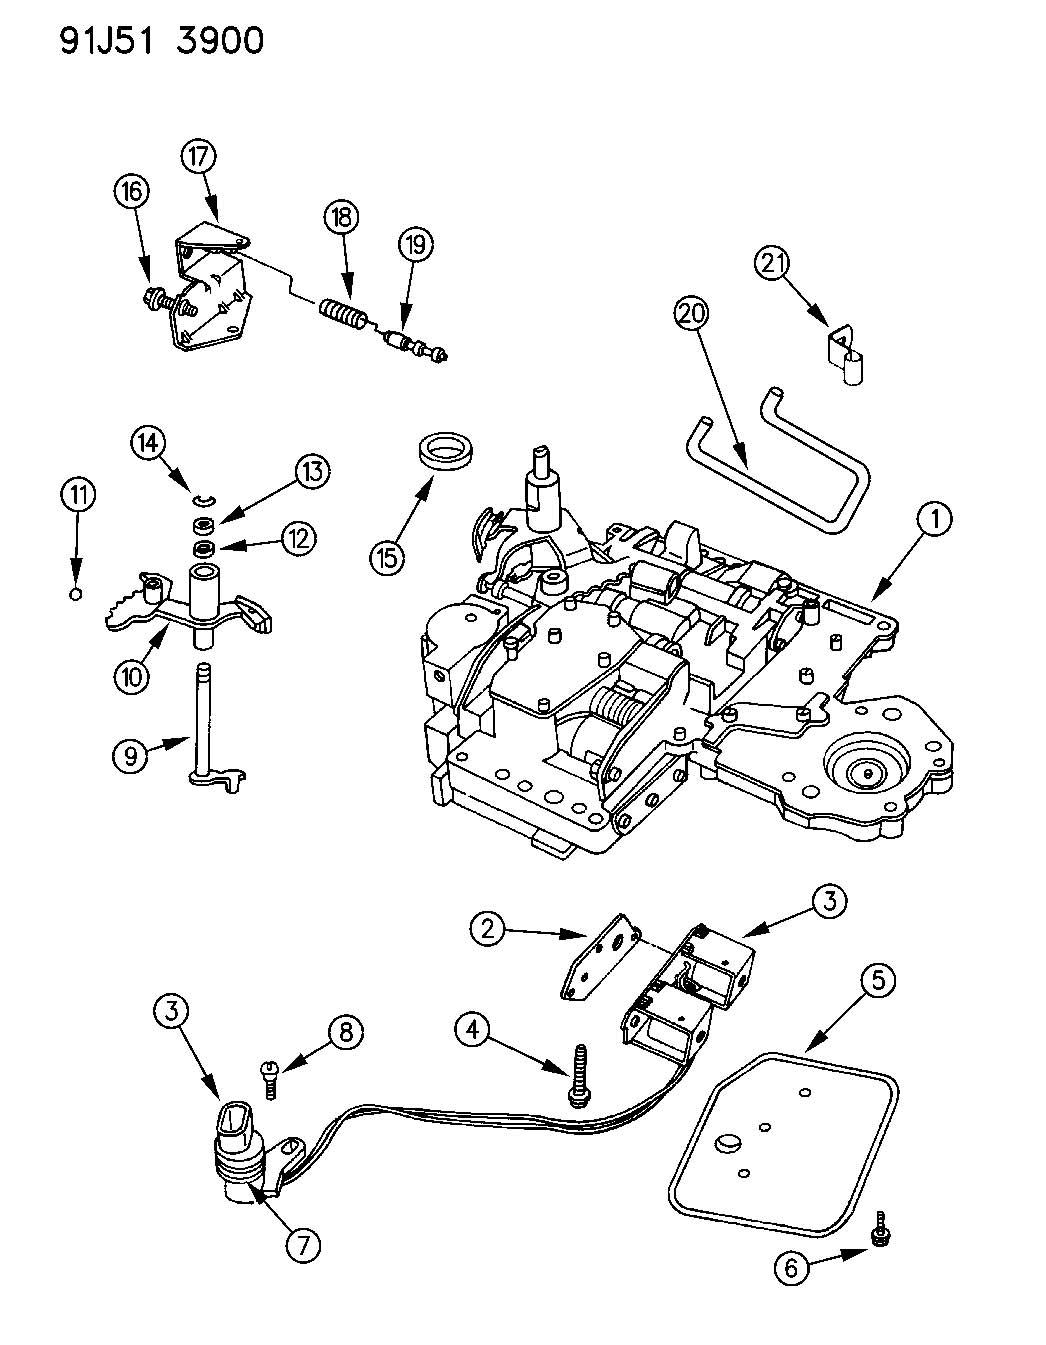 2008 scion xd fuse diagram 2005 scion xa radio wiring diagram at ww w